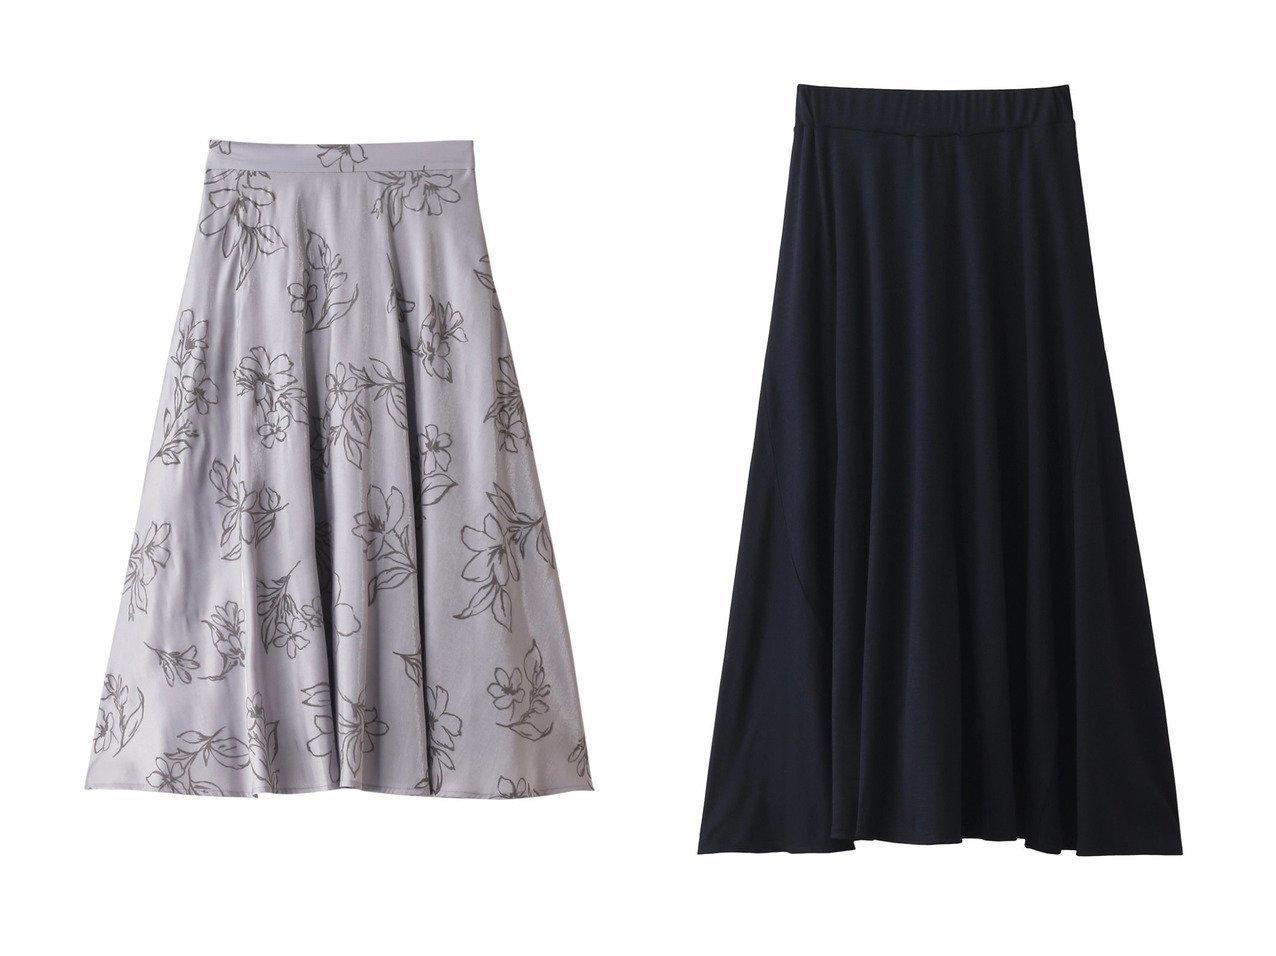 【Chaos/カオス】のCRラッシュスムーススカート&【31 Sons de mode/トランテアン ソン ドゥ モード】のフロッキーフレアスカート スカートのおすすめ!人気、トレンド・レディースファッションの通販 おすすめで人気の流行・トレンド、ファッションの通販商品 メンズファッション・キッズファッション・インテリア・家具・レディースファッション・服の通販 founy(ファニー) https://founy.com/ ファッション Fashion レディースファッション WOMEN スカート Skirt Aライン/フレアスカート Flared A-Line Skirts フェミニン フラワー フレア 春 Spring シンプル  ID:crp329100000010769